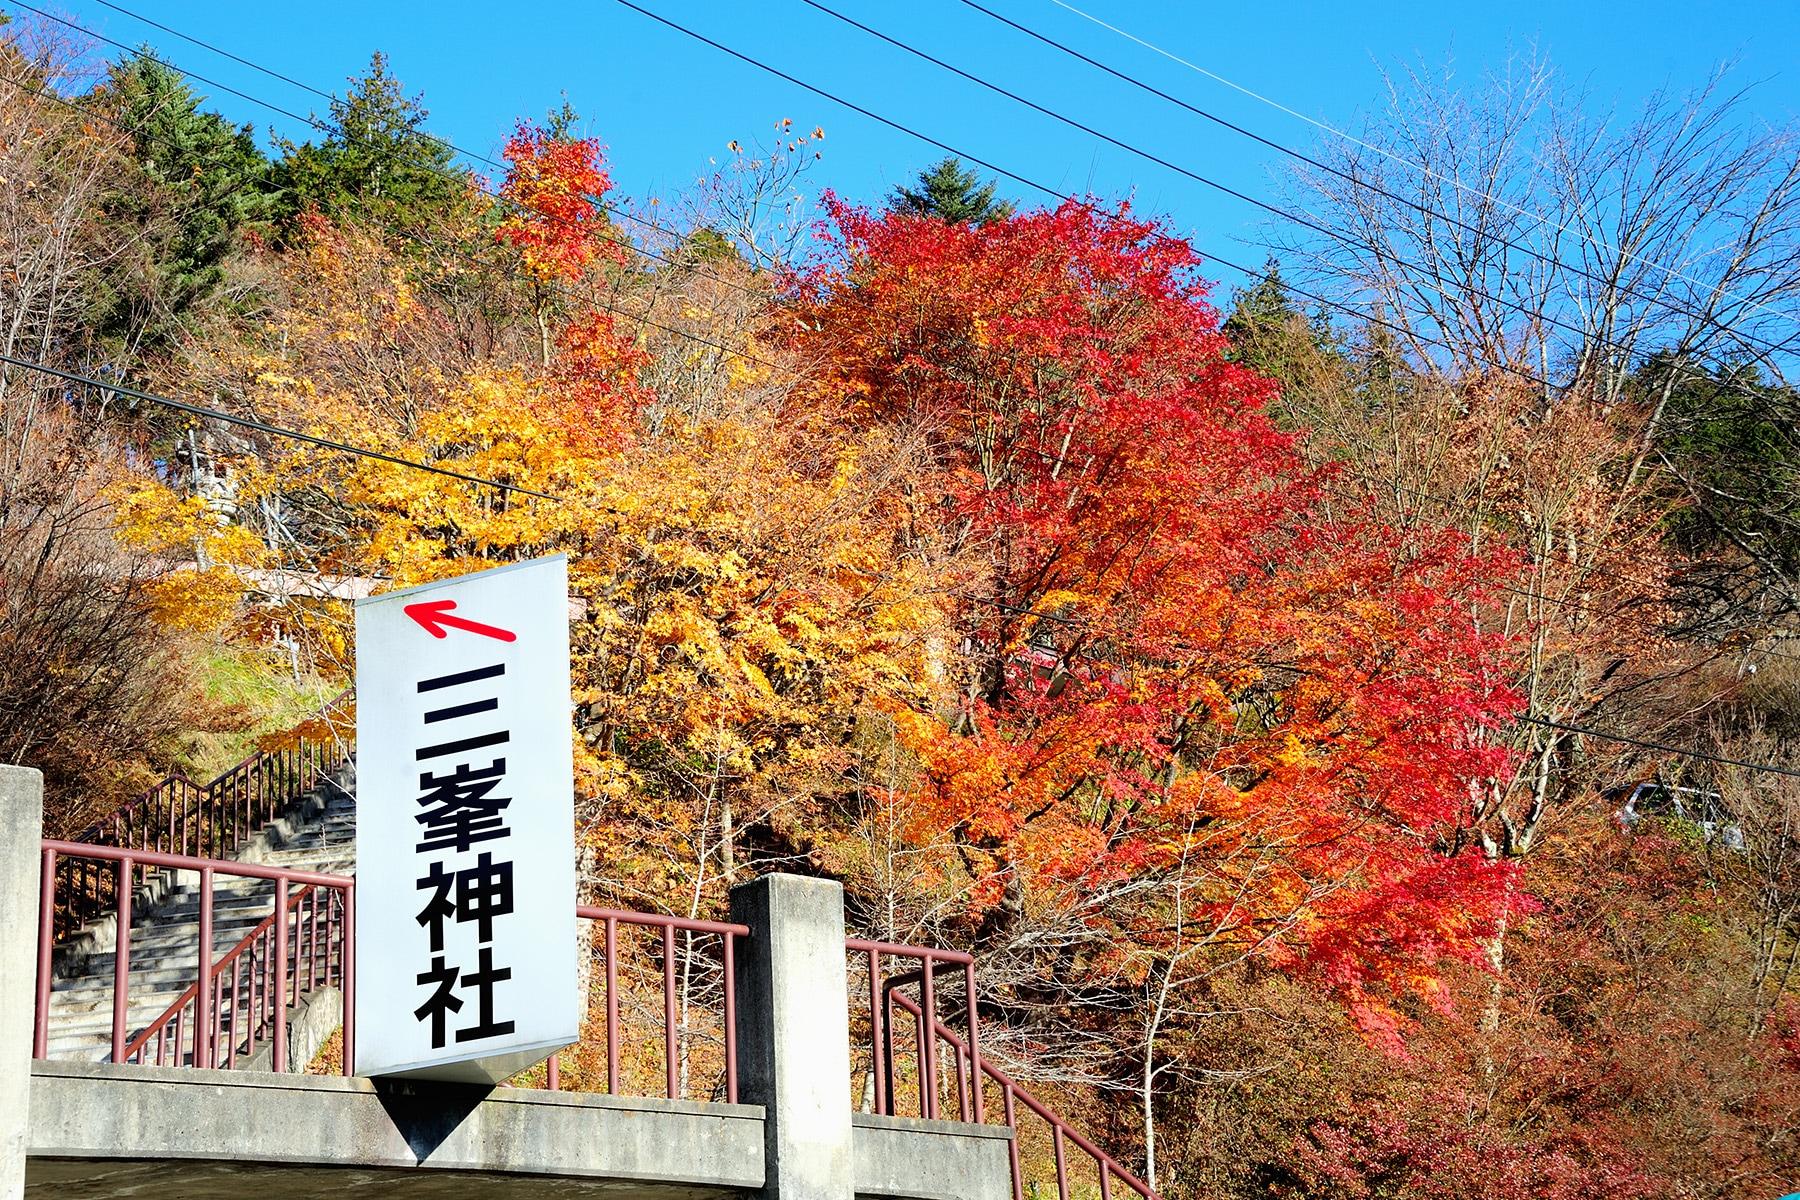 モミジ(紅葉) 秩父三峯神社